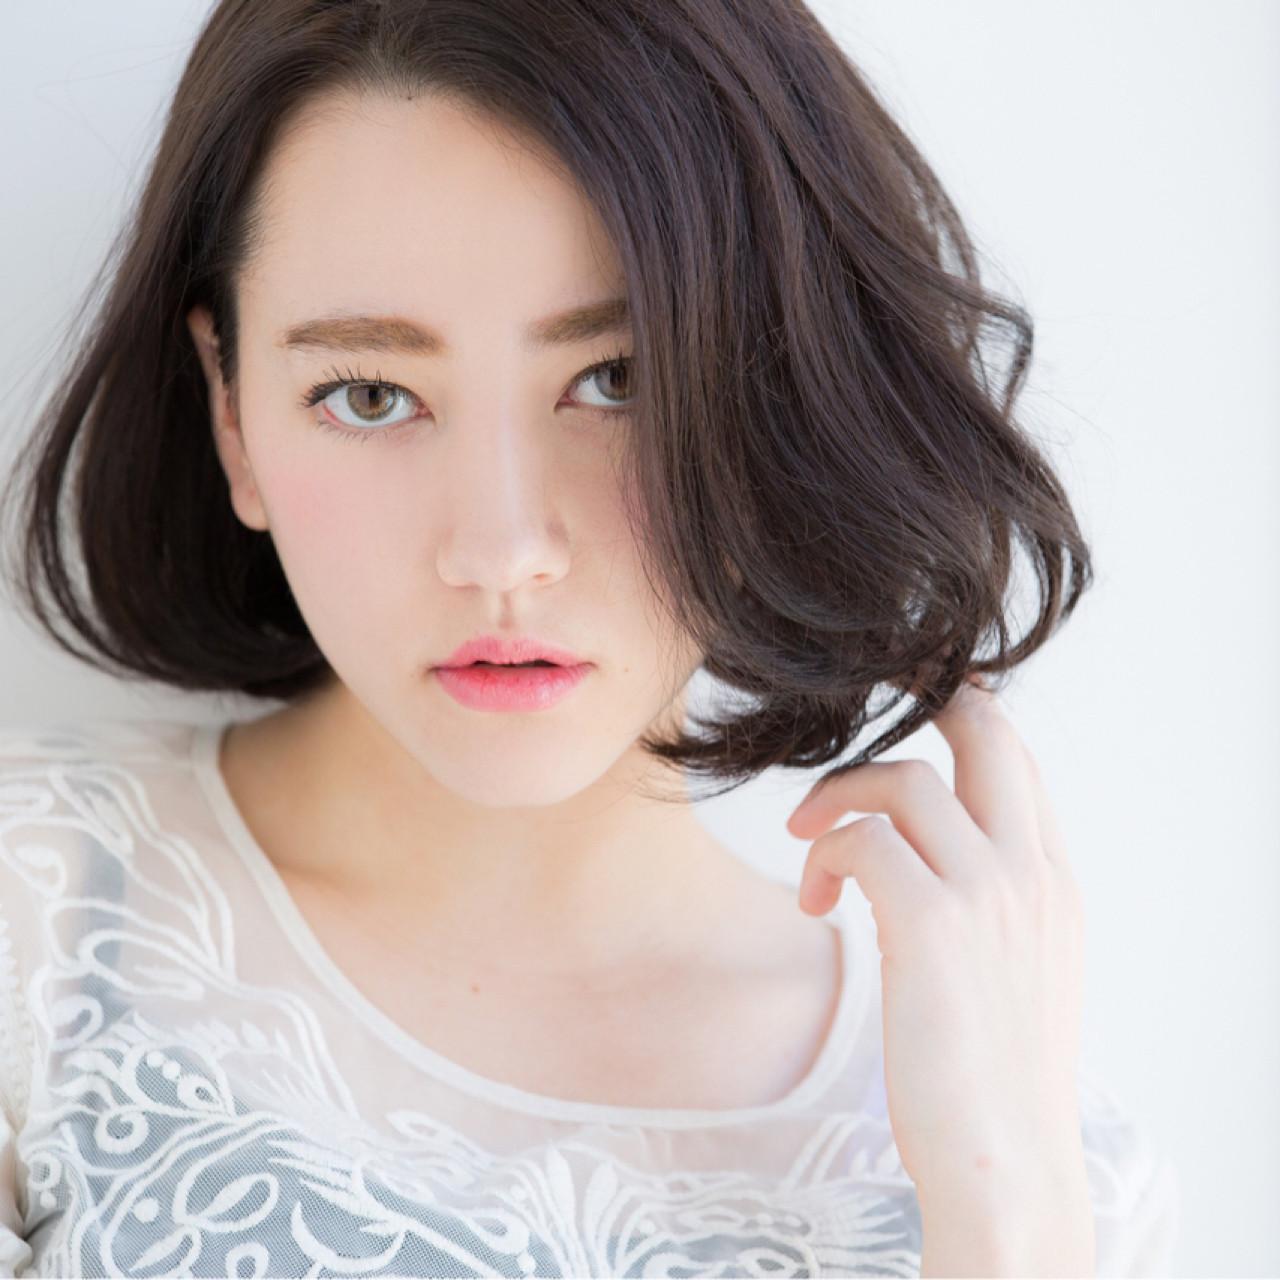 クールなゆるウェーブスタイル 【ボブ美容師】東 純平